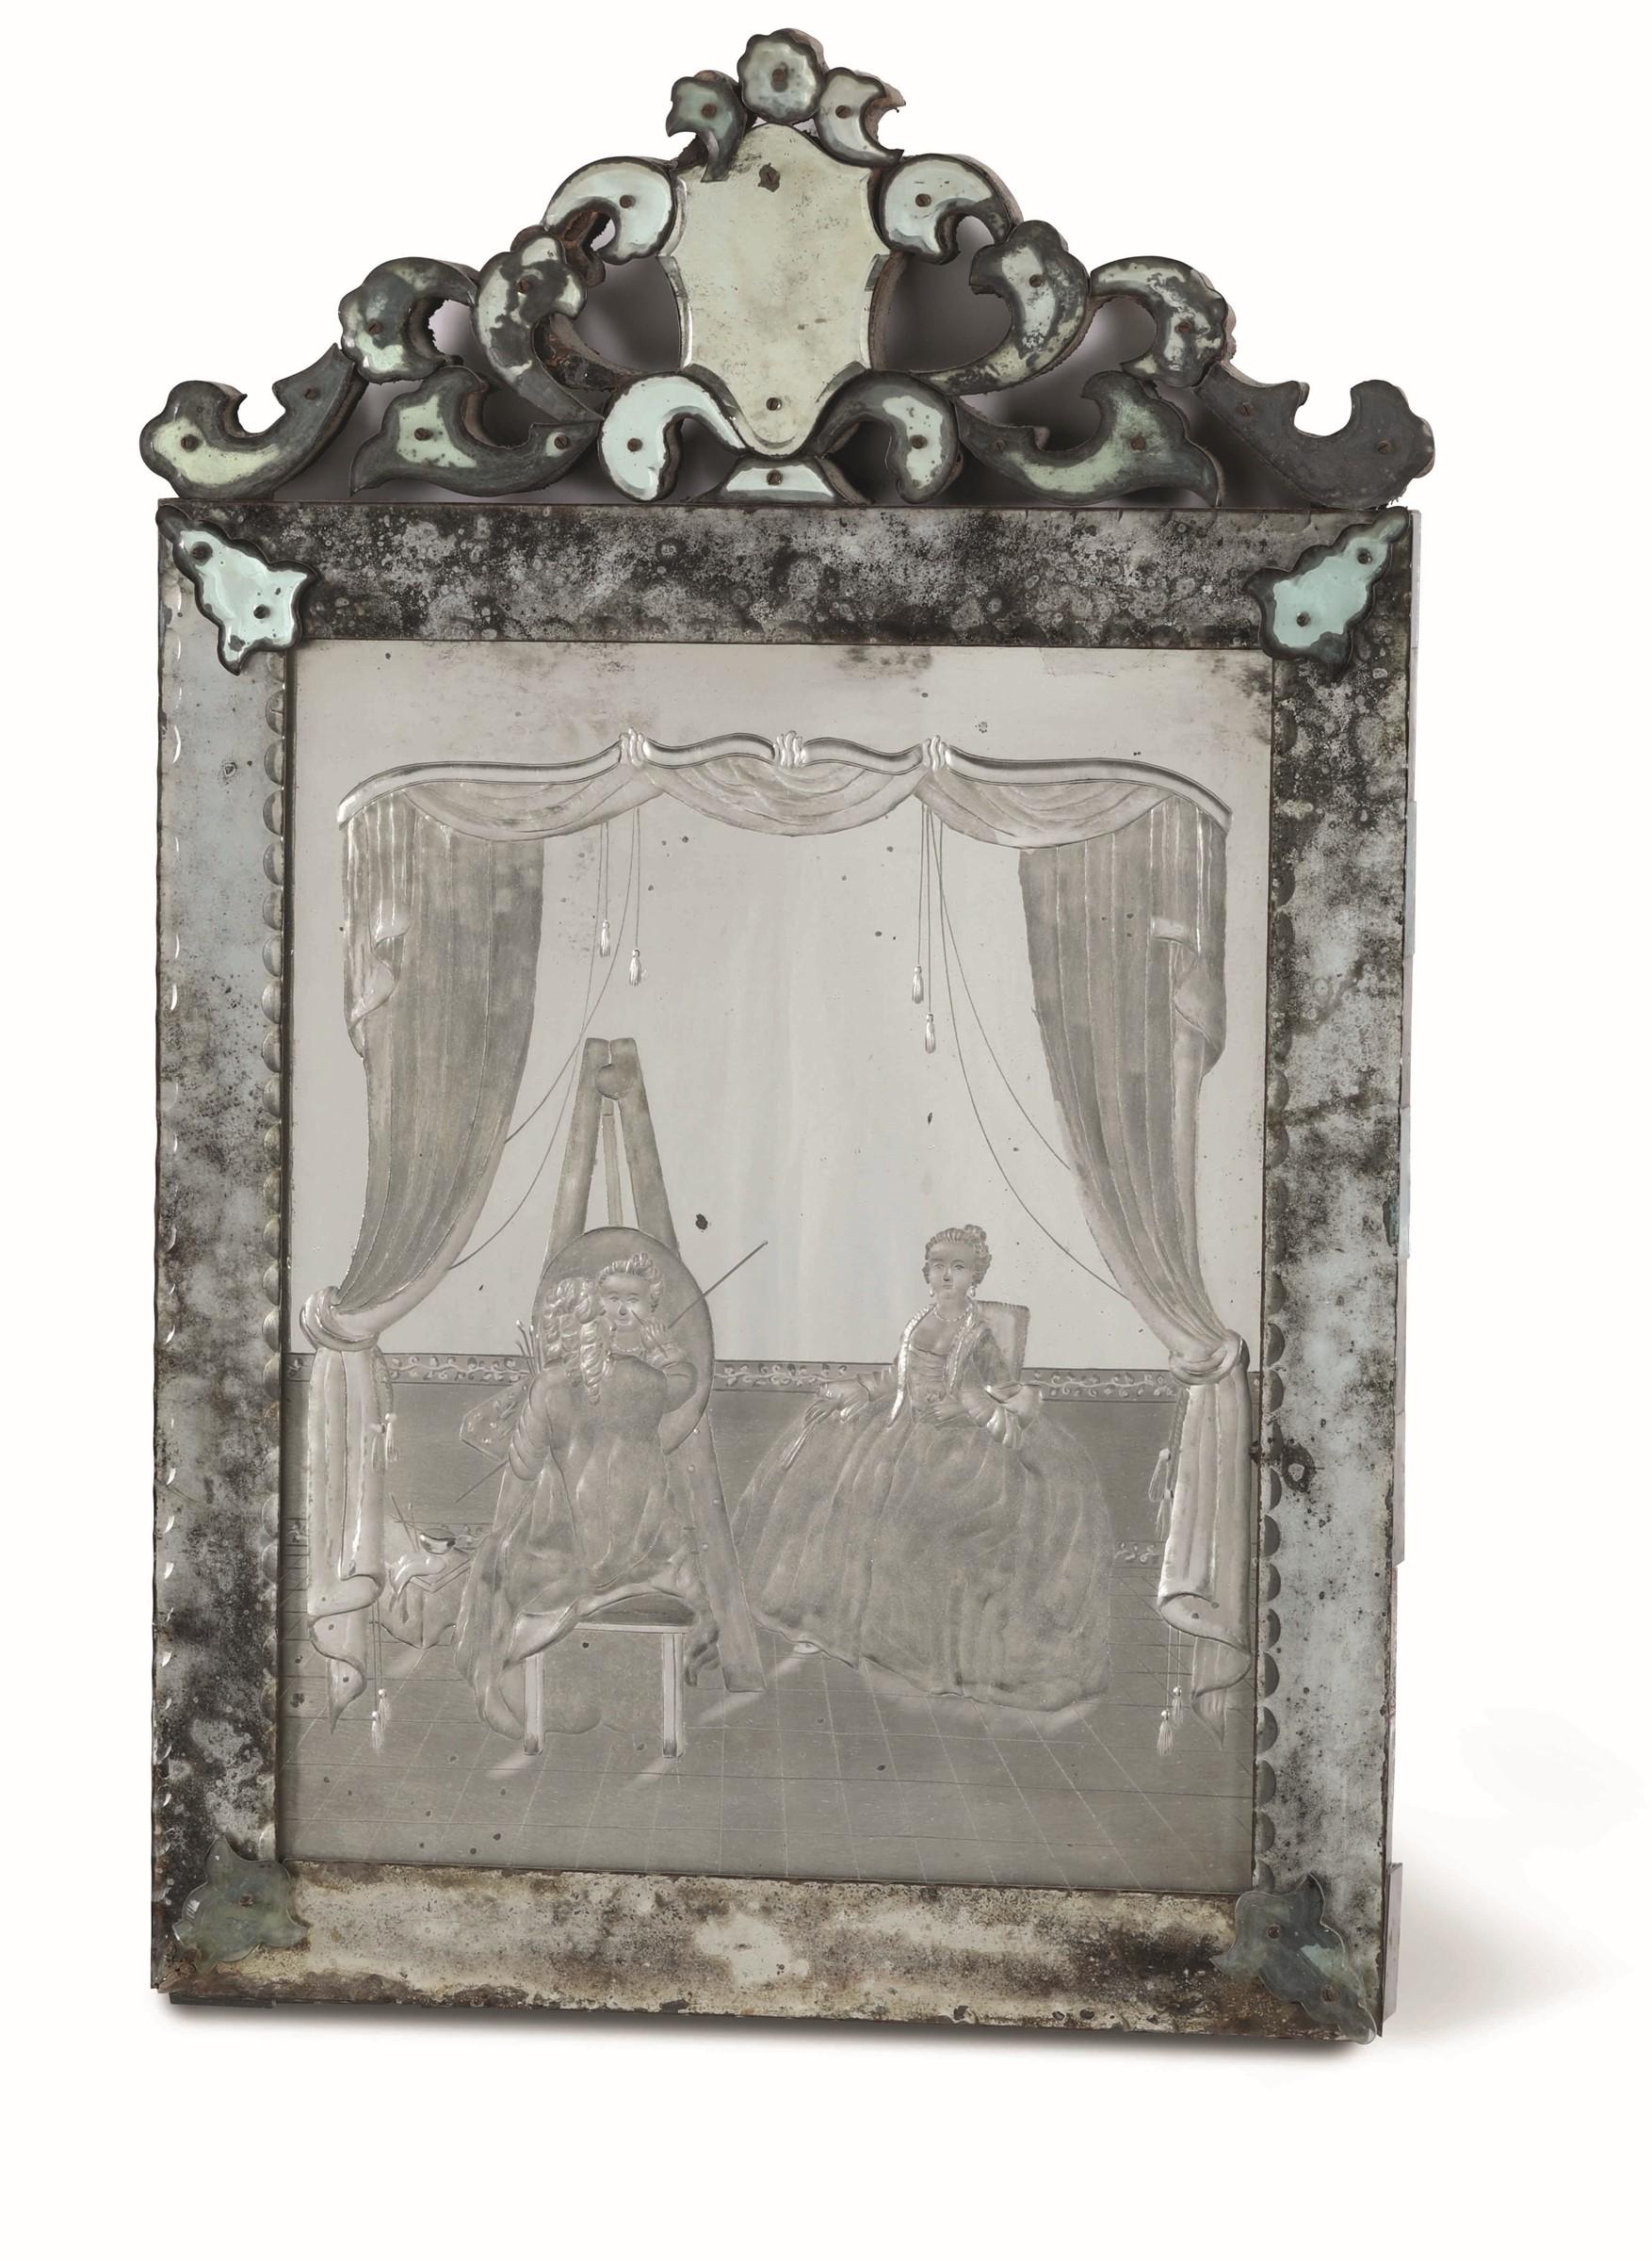 Tre specchiere in vetro di Murano soffiato molato e inciso, Murano(?) seconda metà [...] - Image 3 of 3